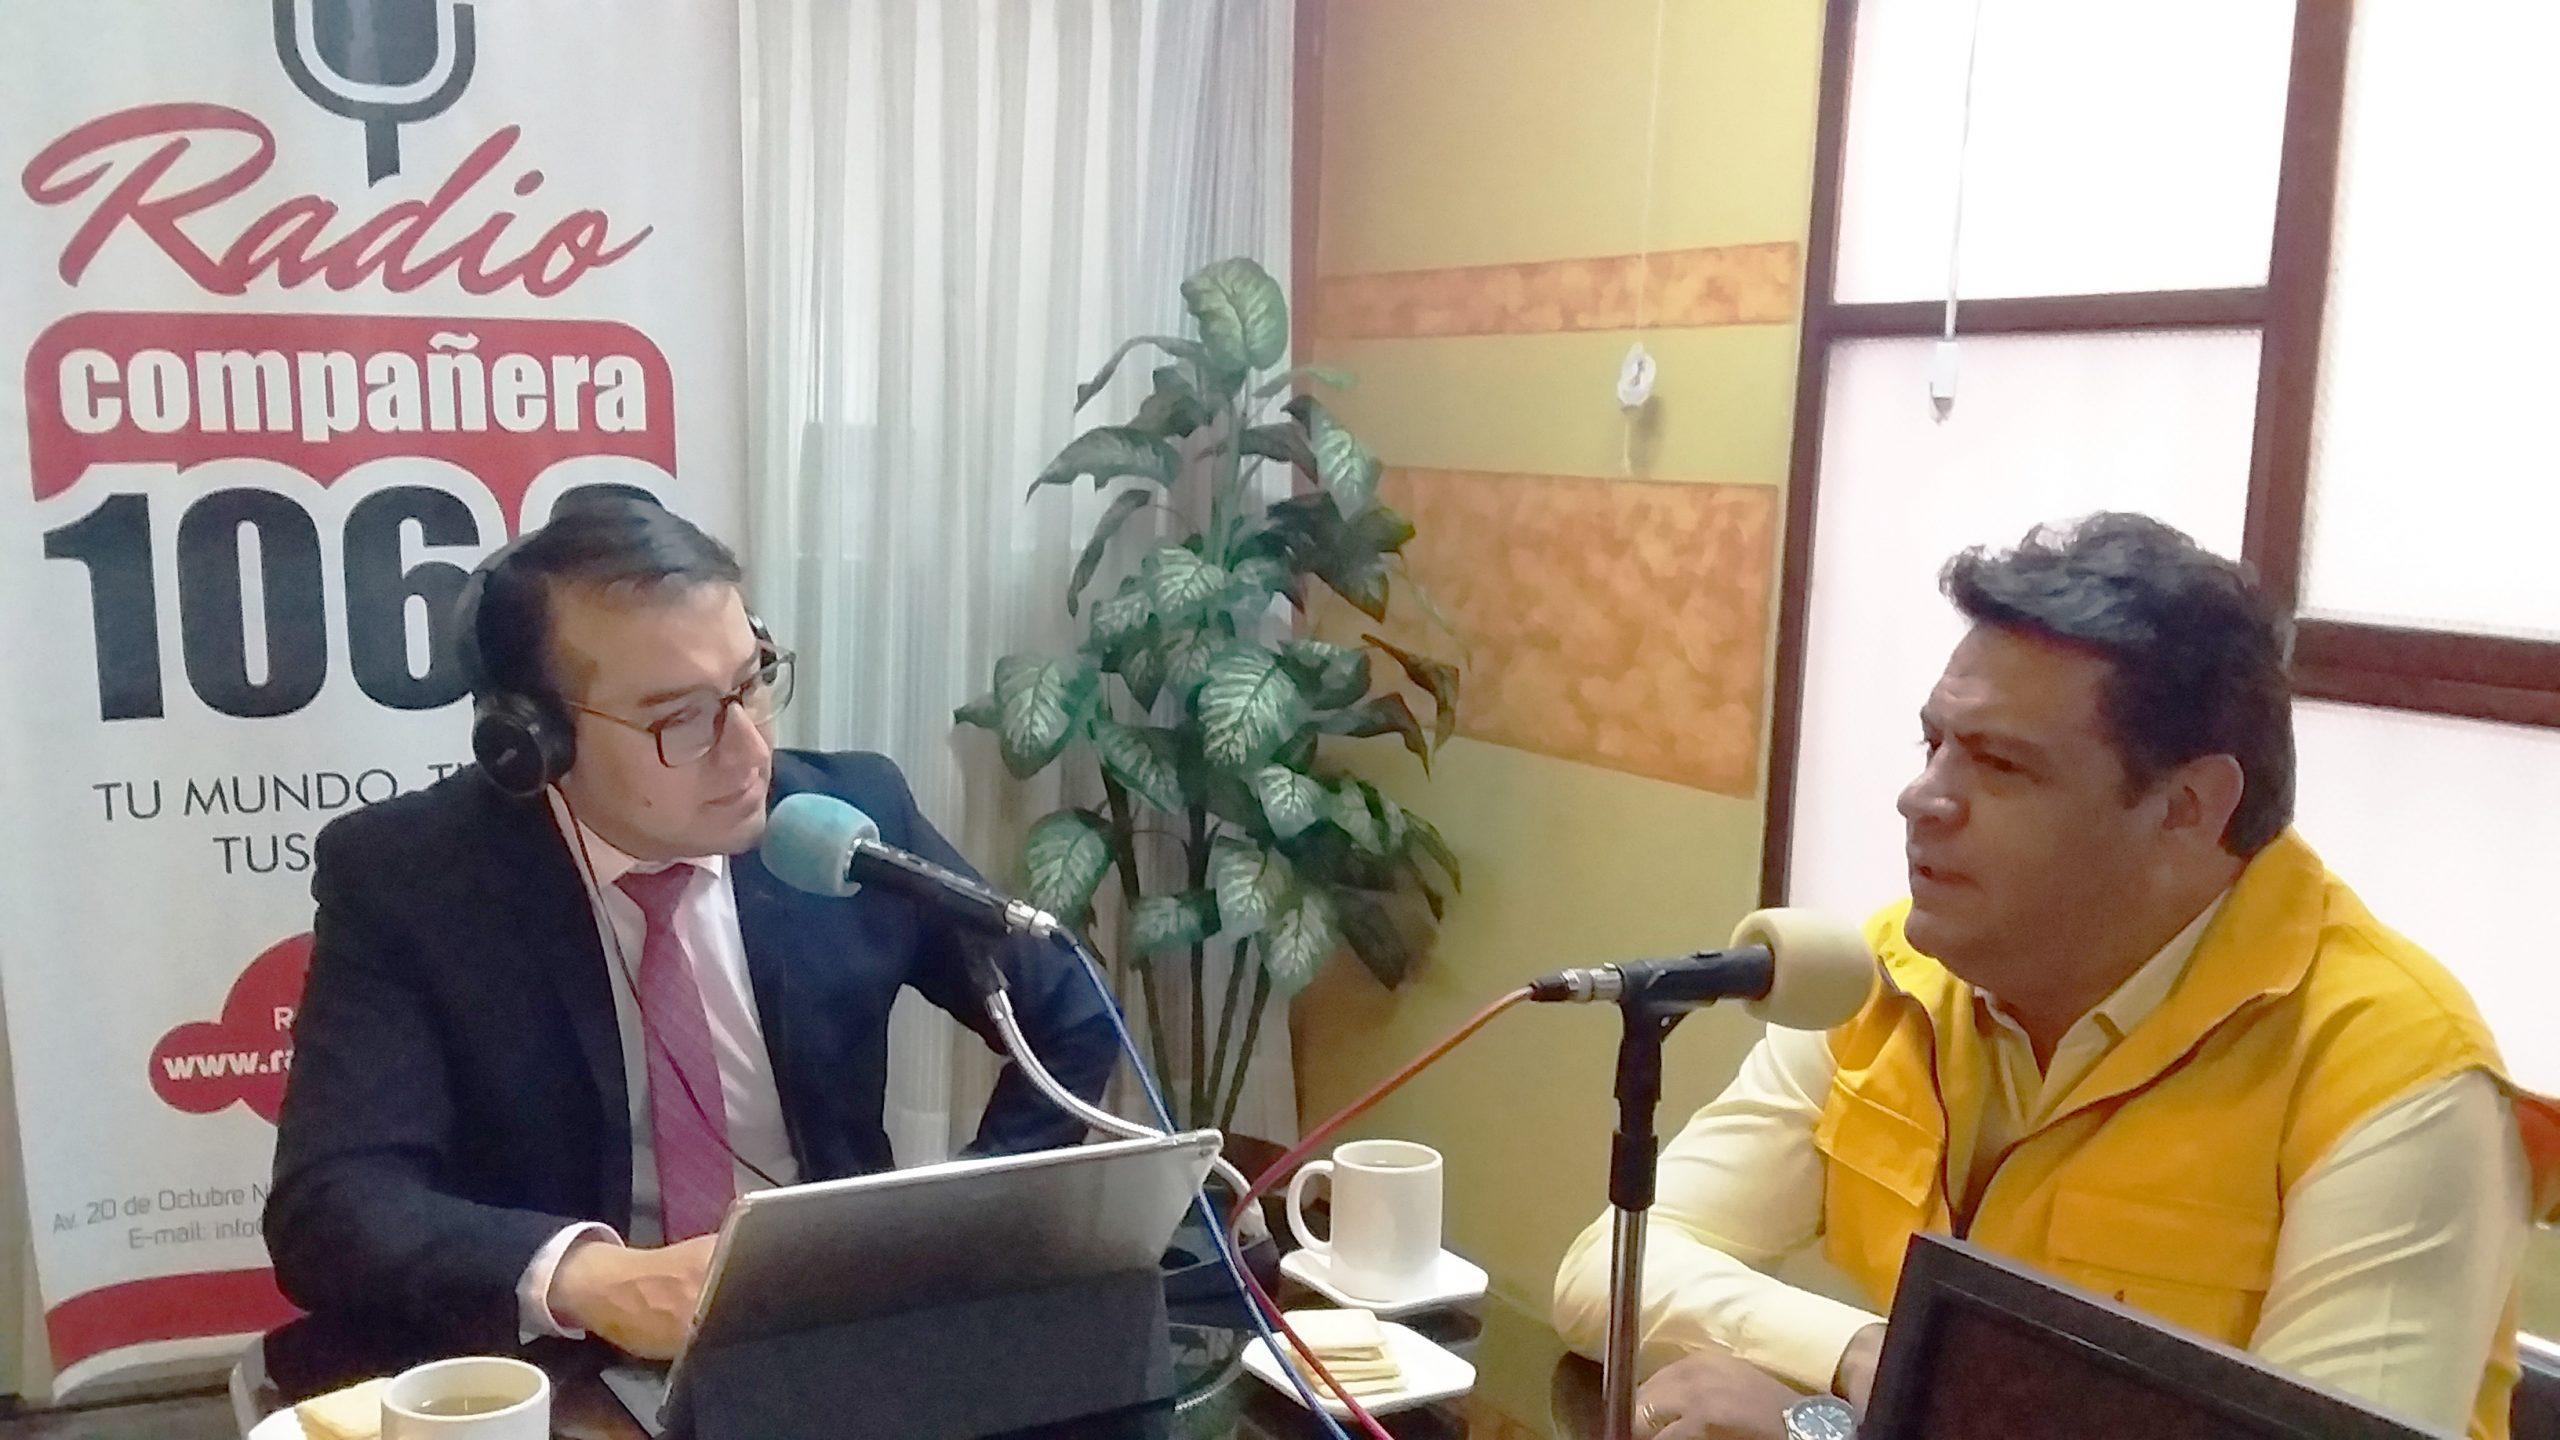 Revilla anuncia proyecto de ley para condonación de impuestos